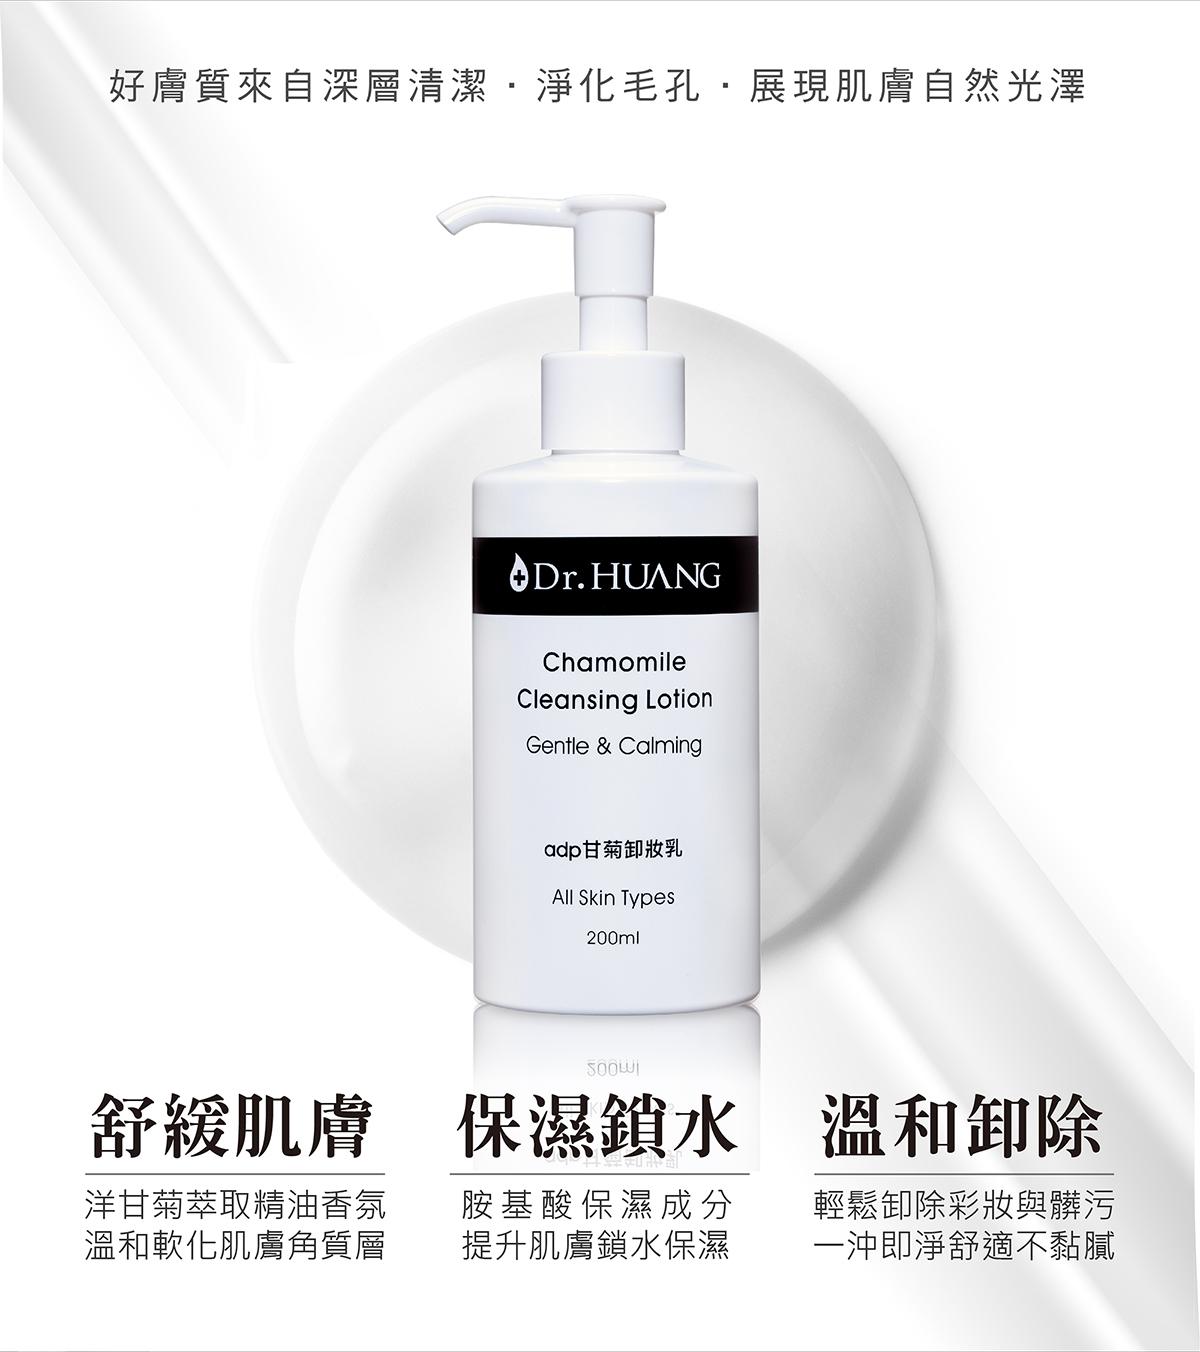 Dr.HUANGadp系列甘菊卸妝乳舒緩肌膚保濕鎖水溫和卸除